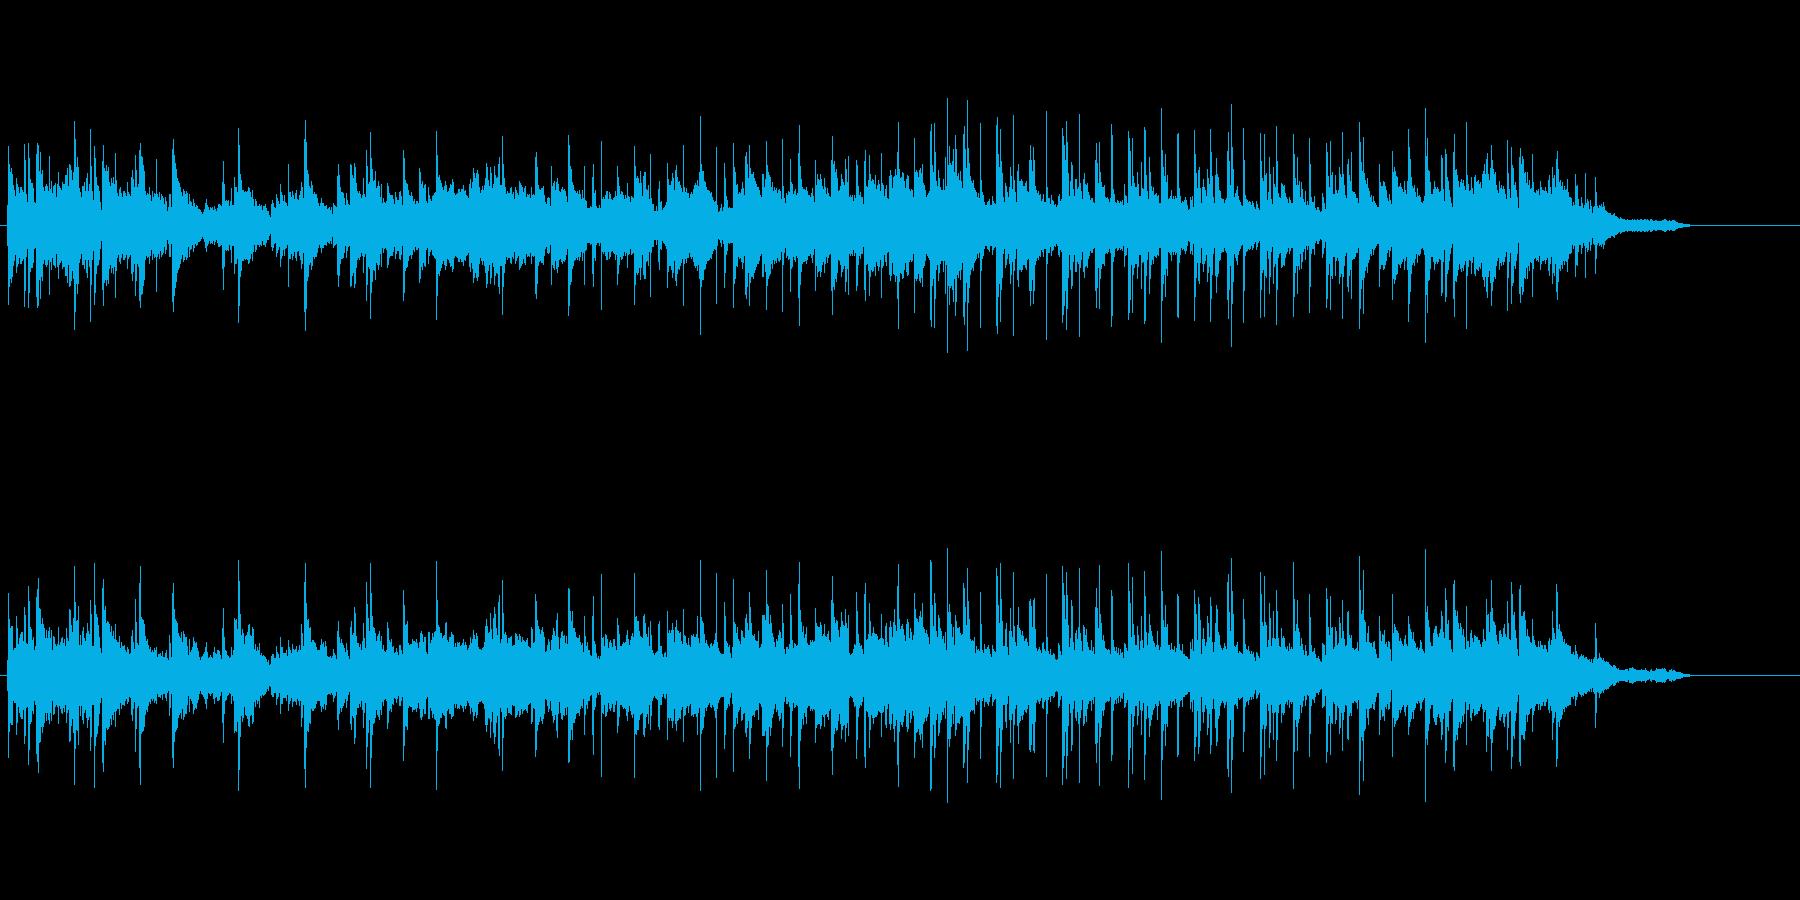 スタイリッシュなミディアム・バラードの再生済みの波形